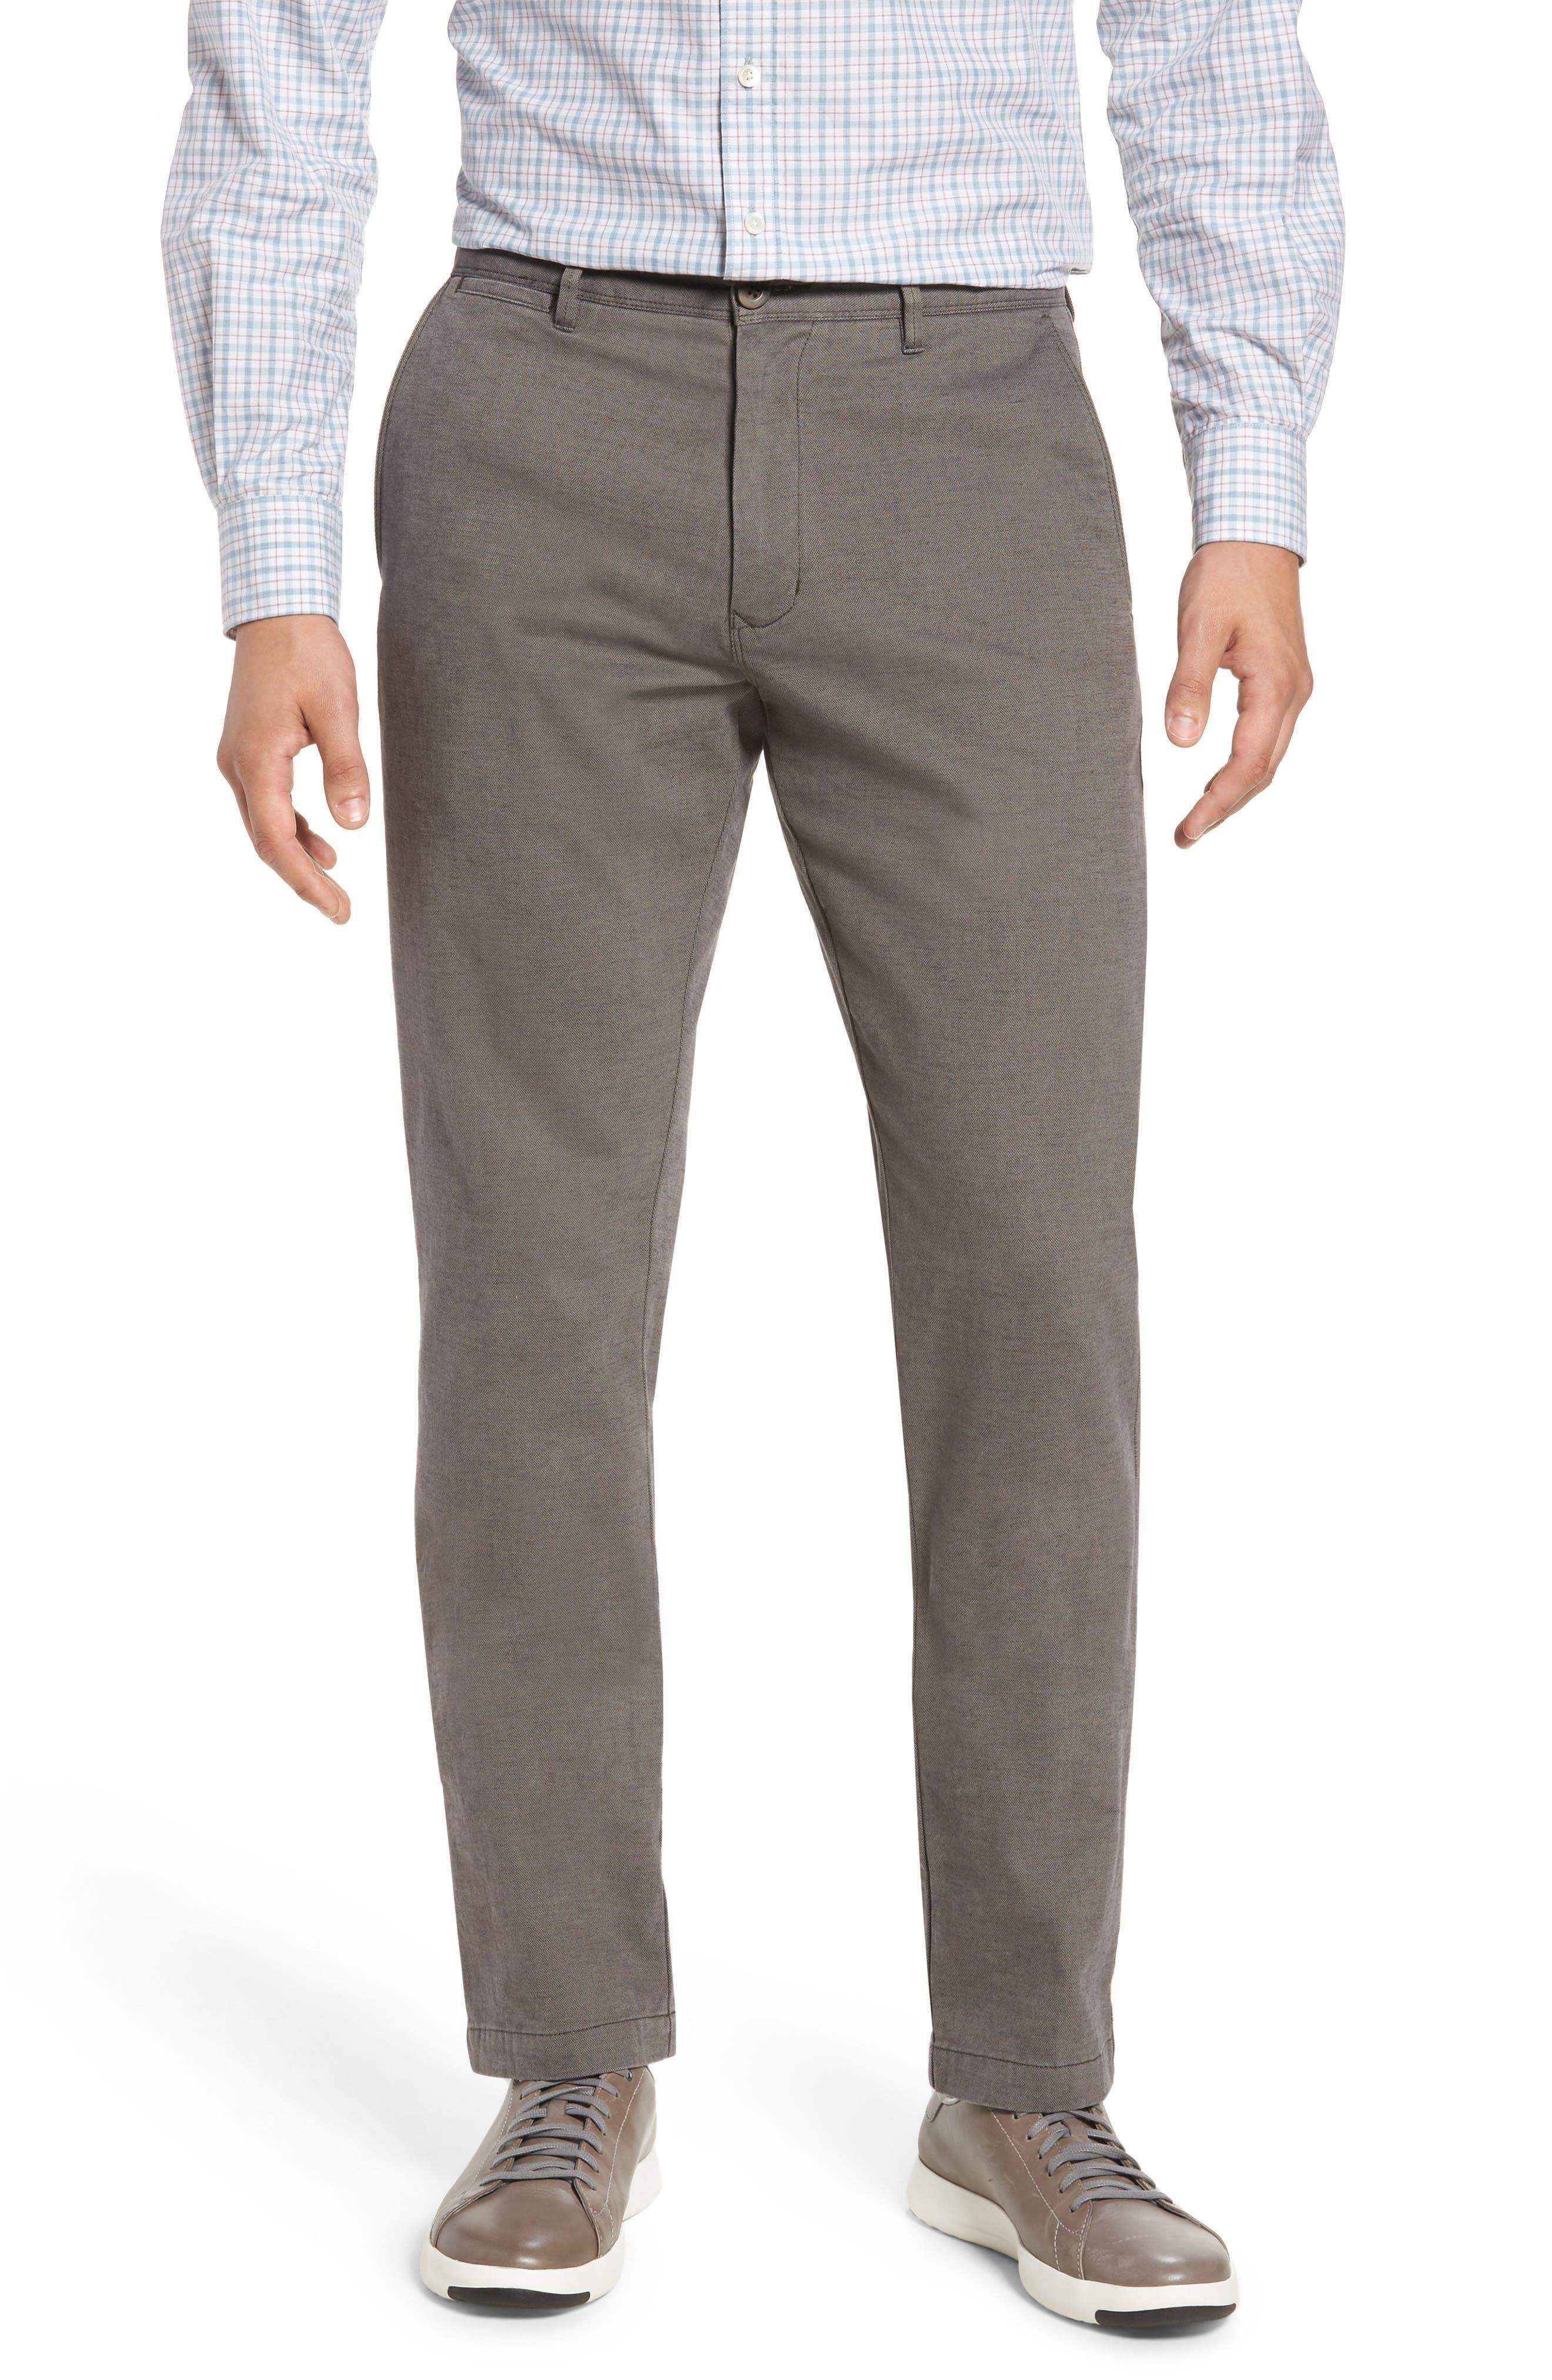 Rodd & Gunn 'Alberton' Straight Leg Pants